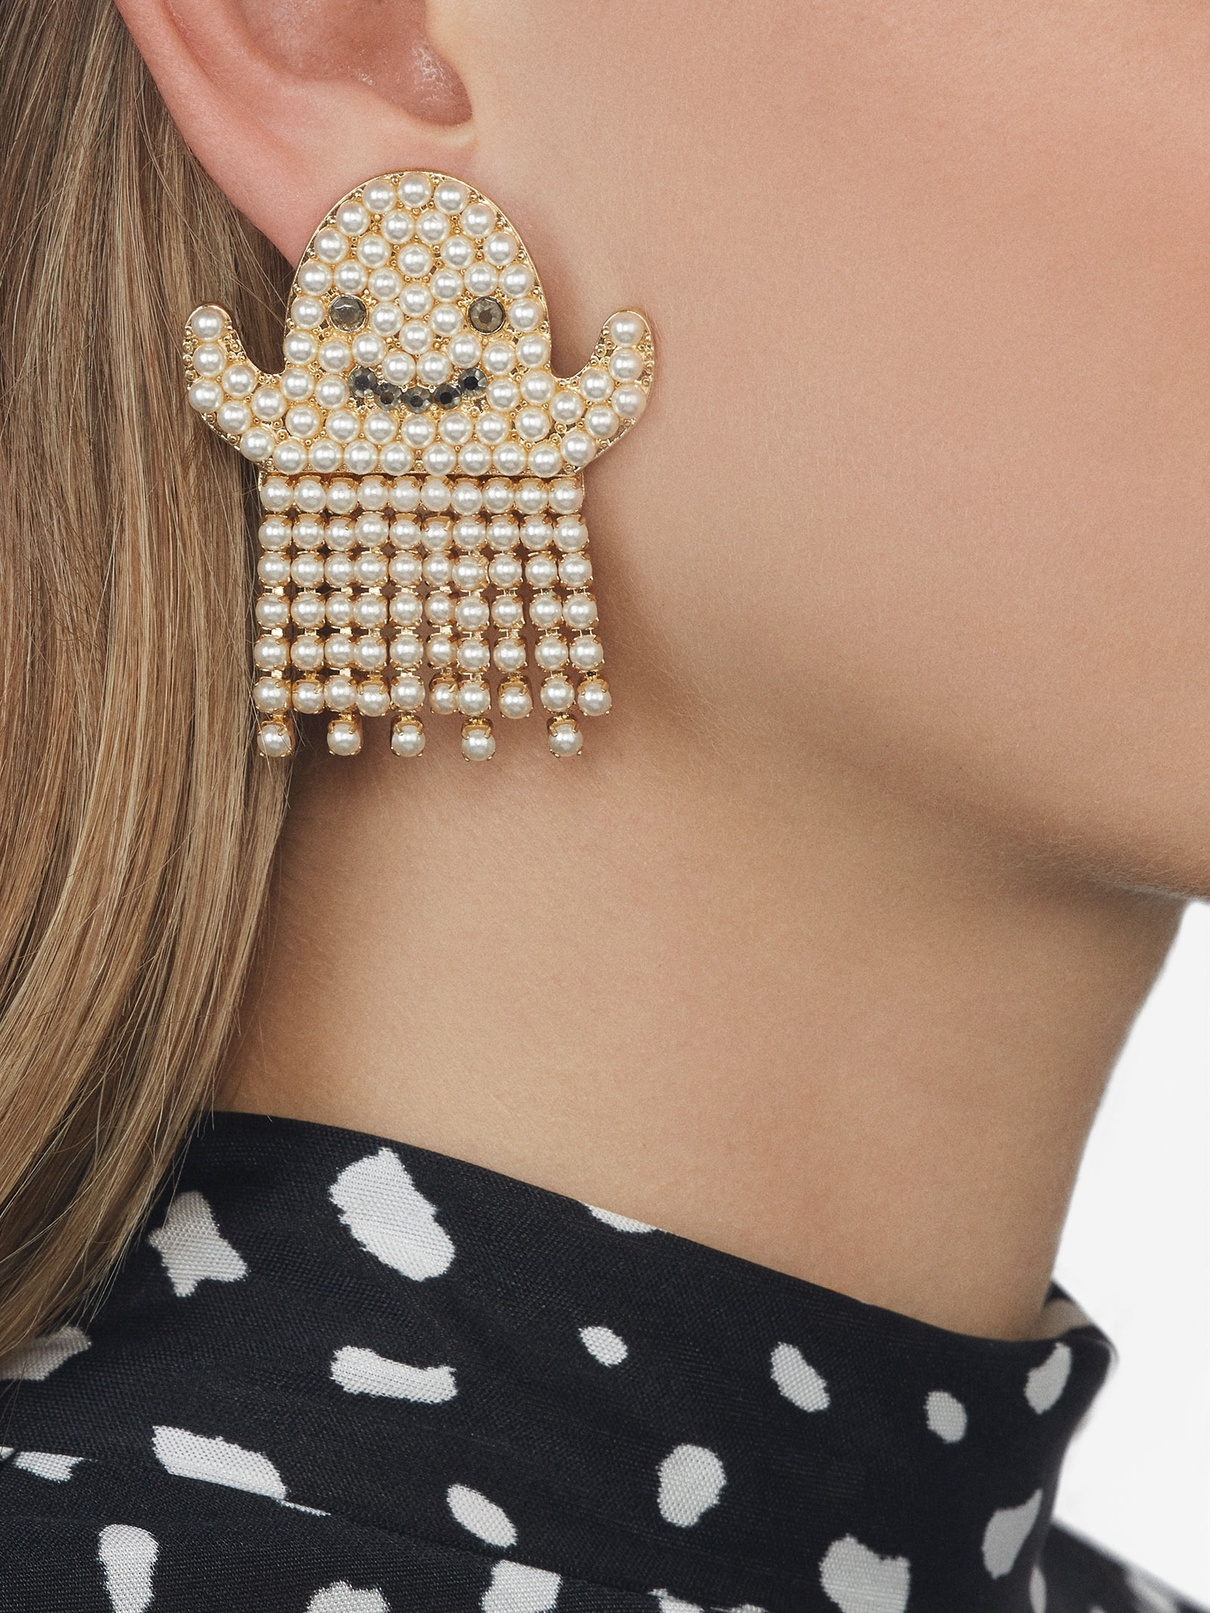 ghost earrings in pearl